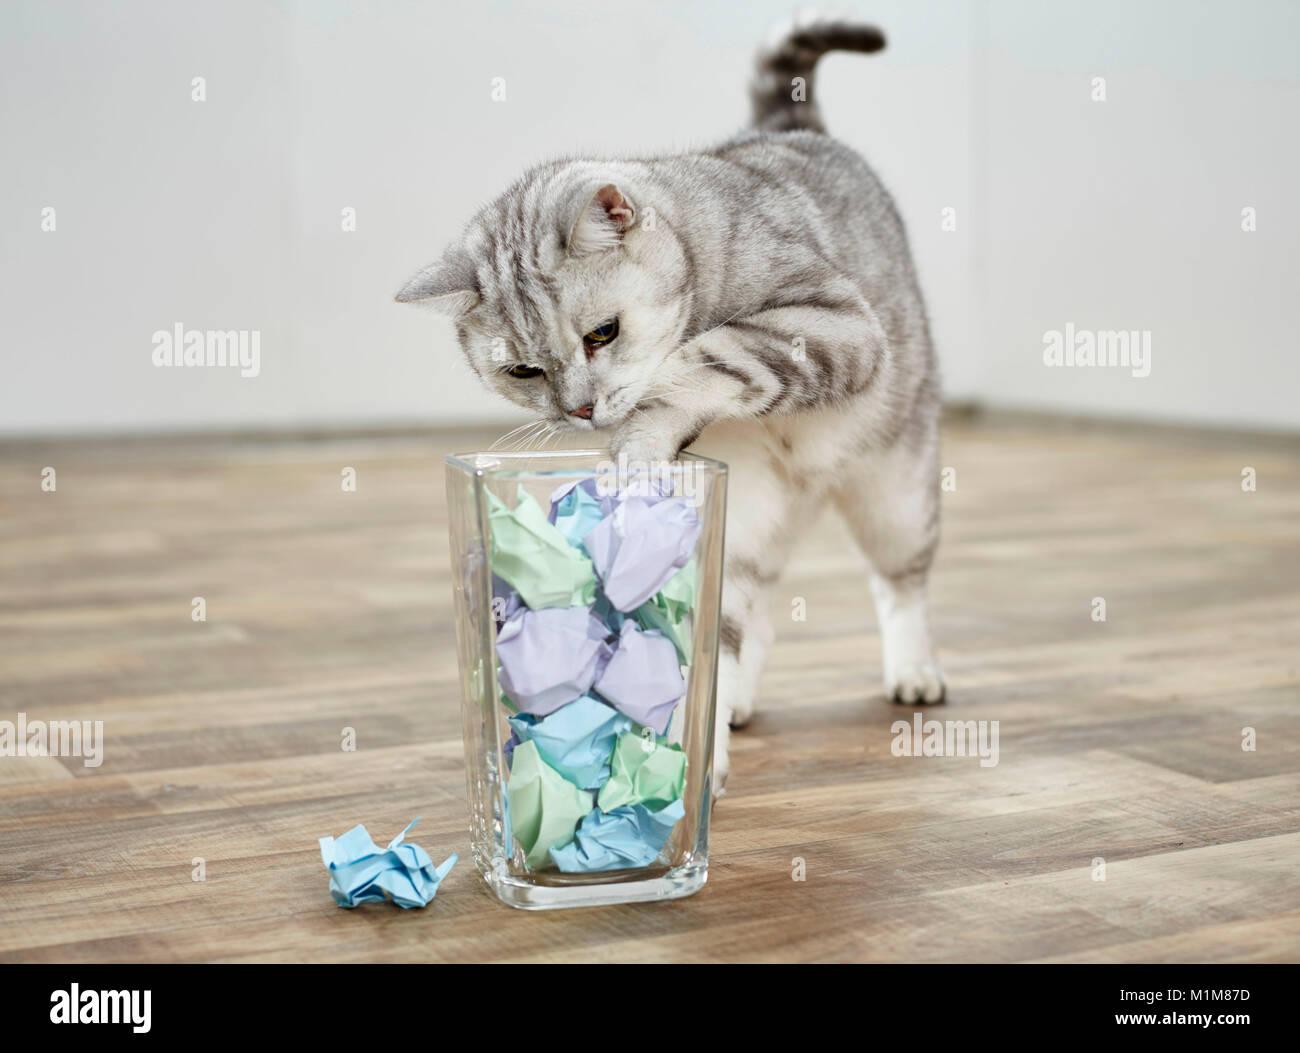 British Shorthair cat. Atigrado adulto angulable un papel desmenuzado desde un contenedor de vidrio. Alemania Imagen De Stock